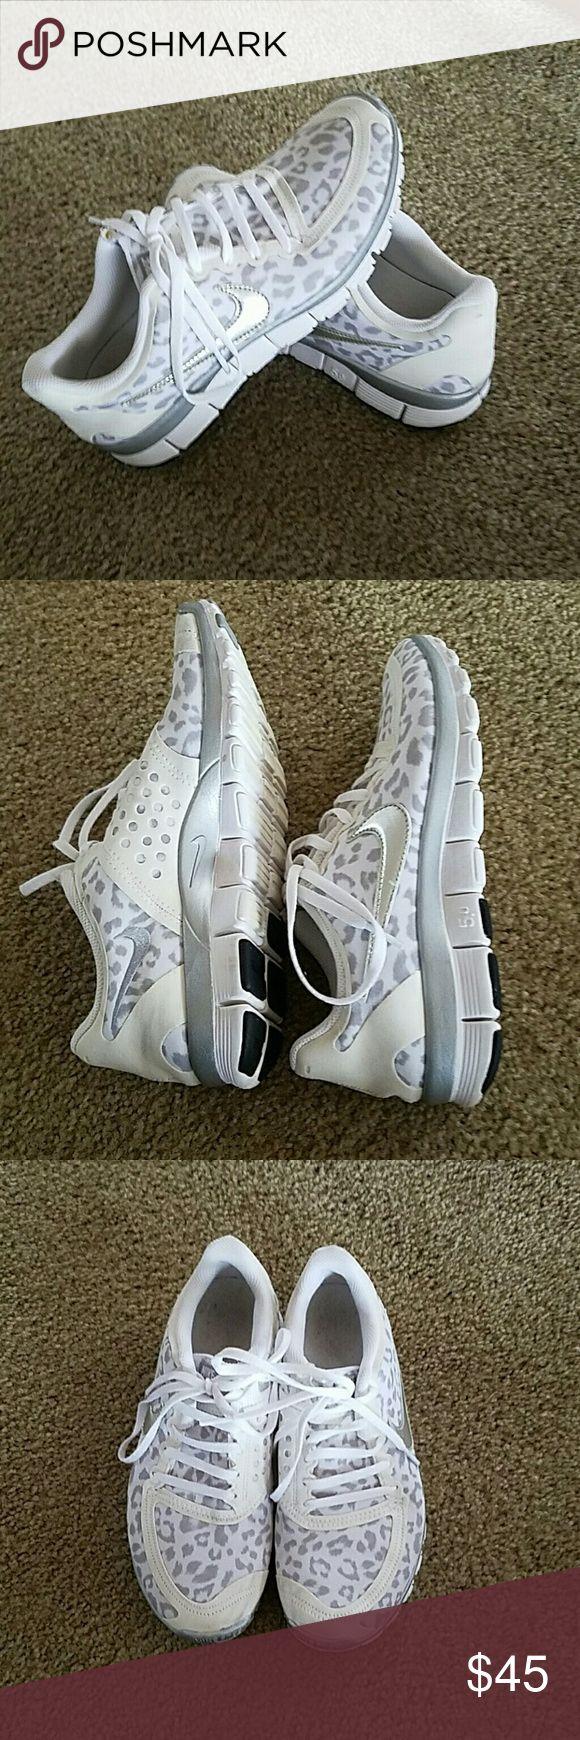 Nike 5.0, women's size 8.5, Leopard Nike 5.0, women's size 8.5, so comfy, so fun! Nike Shoes